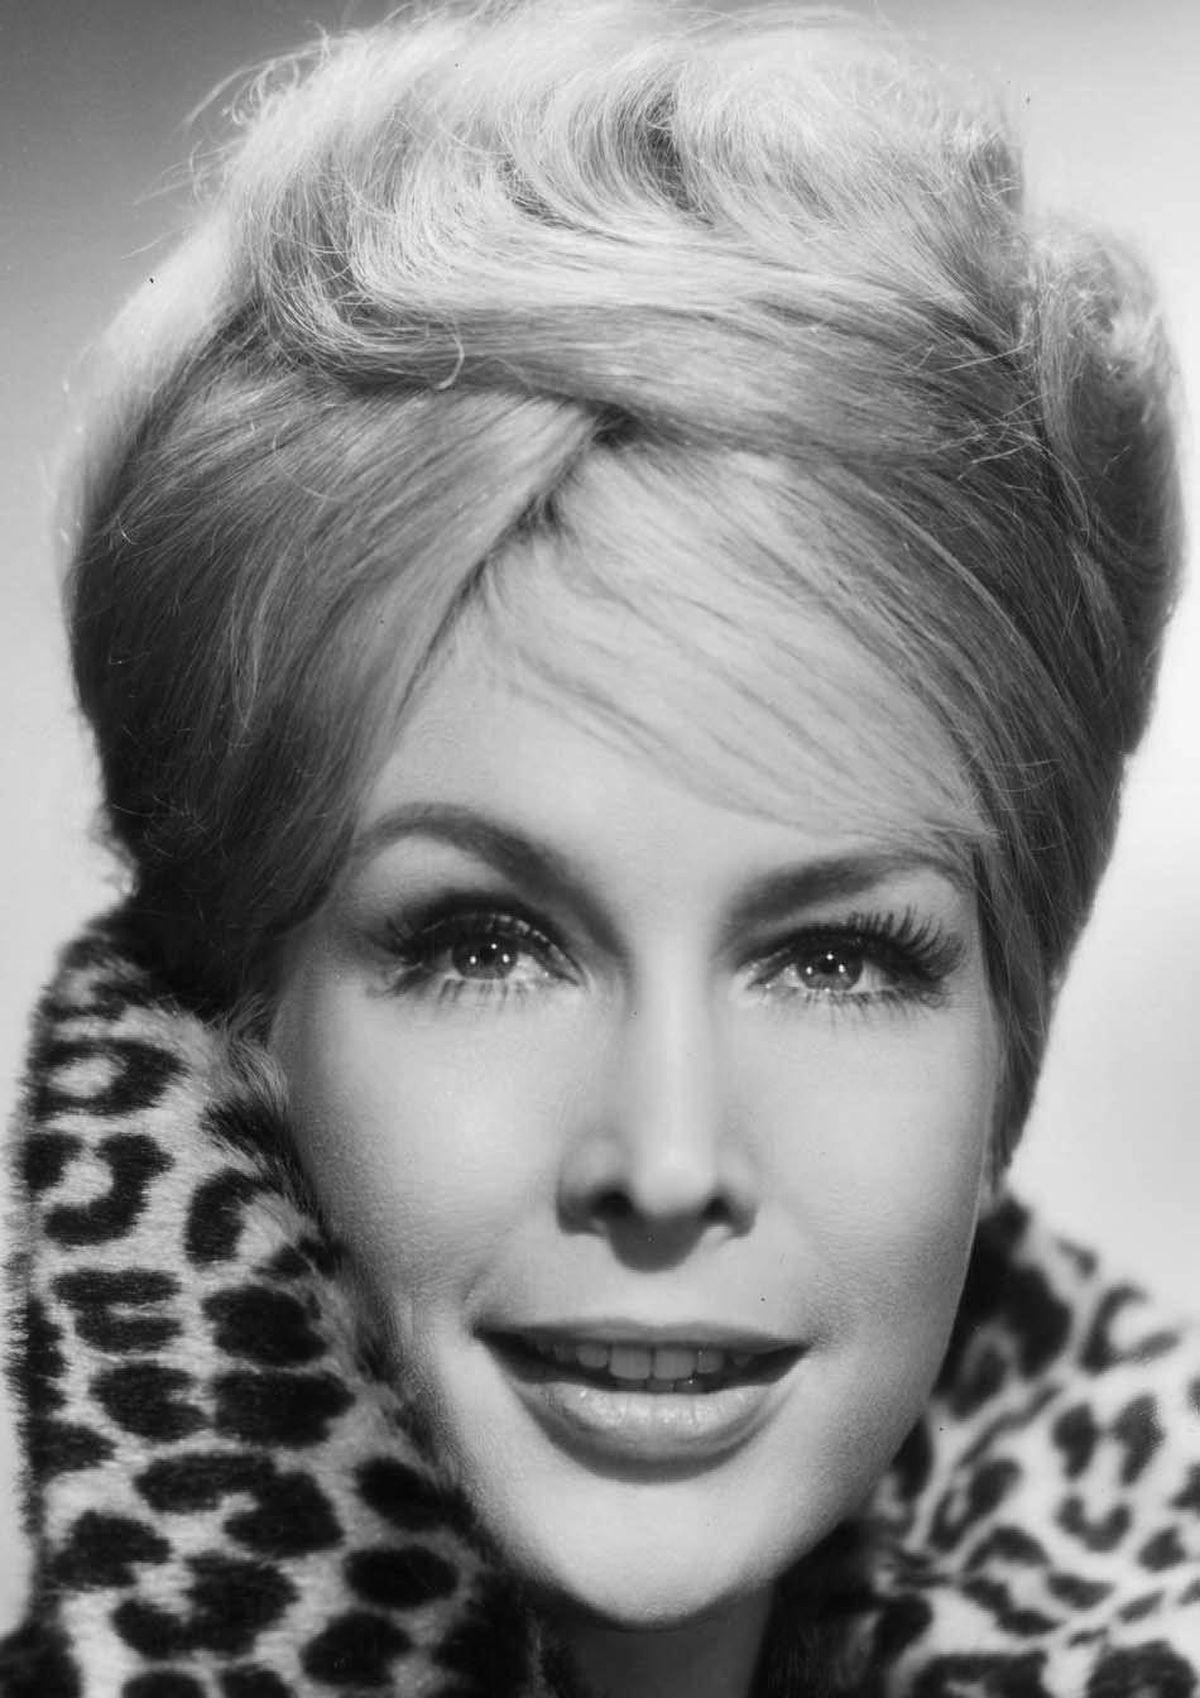 Barbara Eden: Genie with light blonde hair